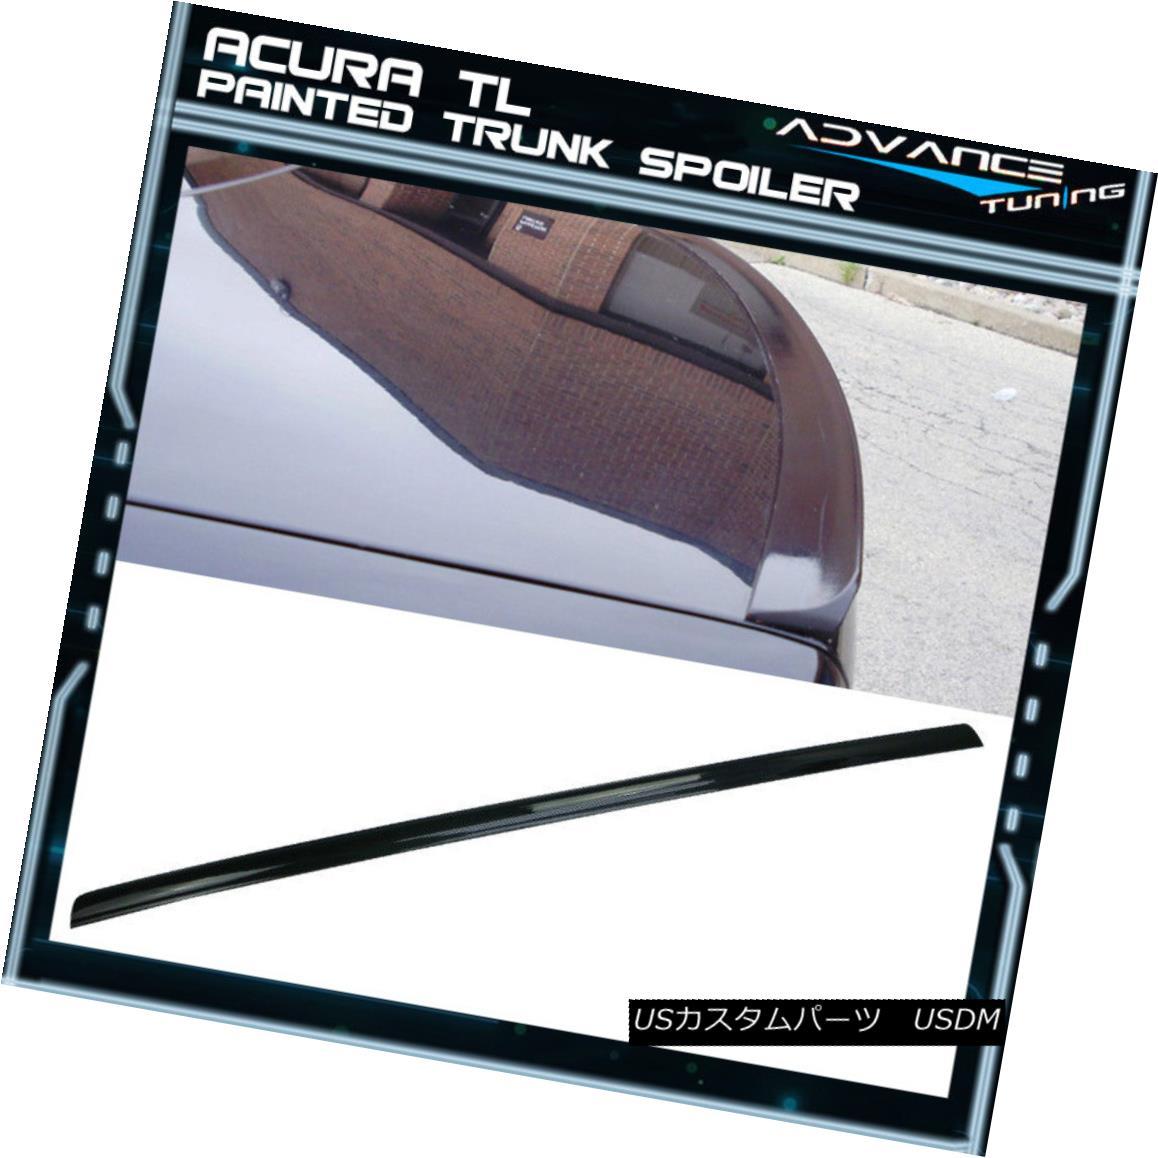 エアロパーツ 04-08 Acura TL UA6 UA7 Painted Black Trunk Spoiler - PUF 04-08アキュラTL UA6 UA7ペイントブラックトランク・スポイラー - PUF